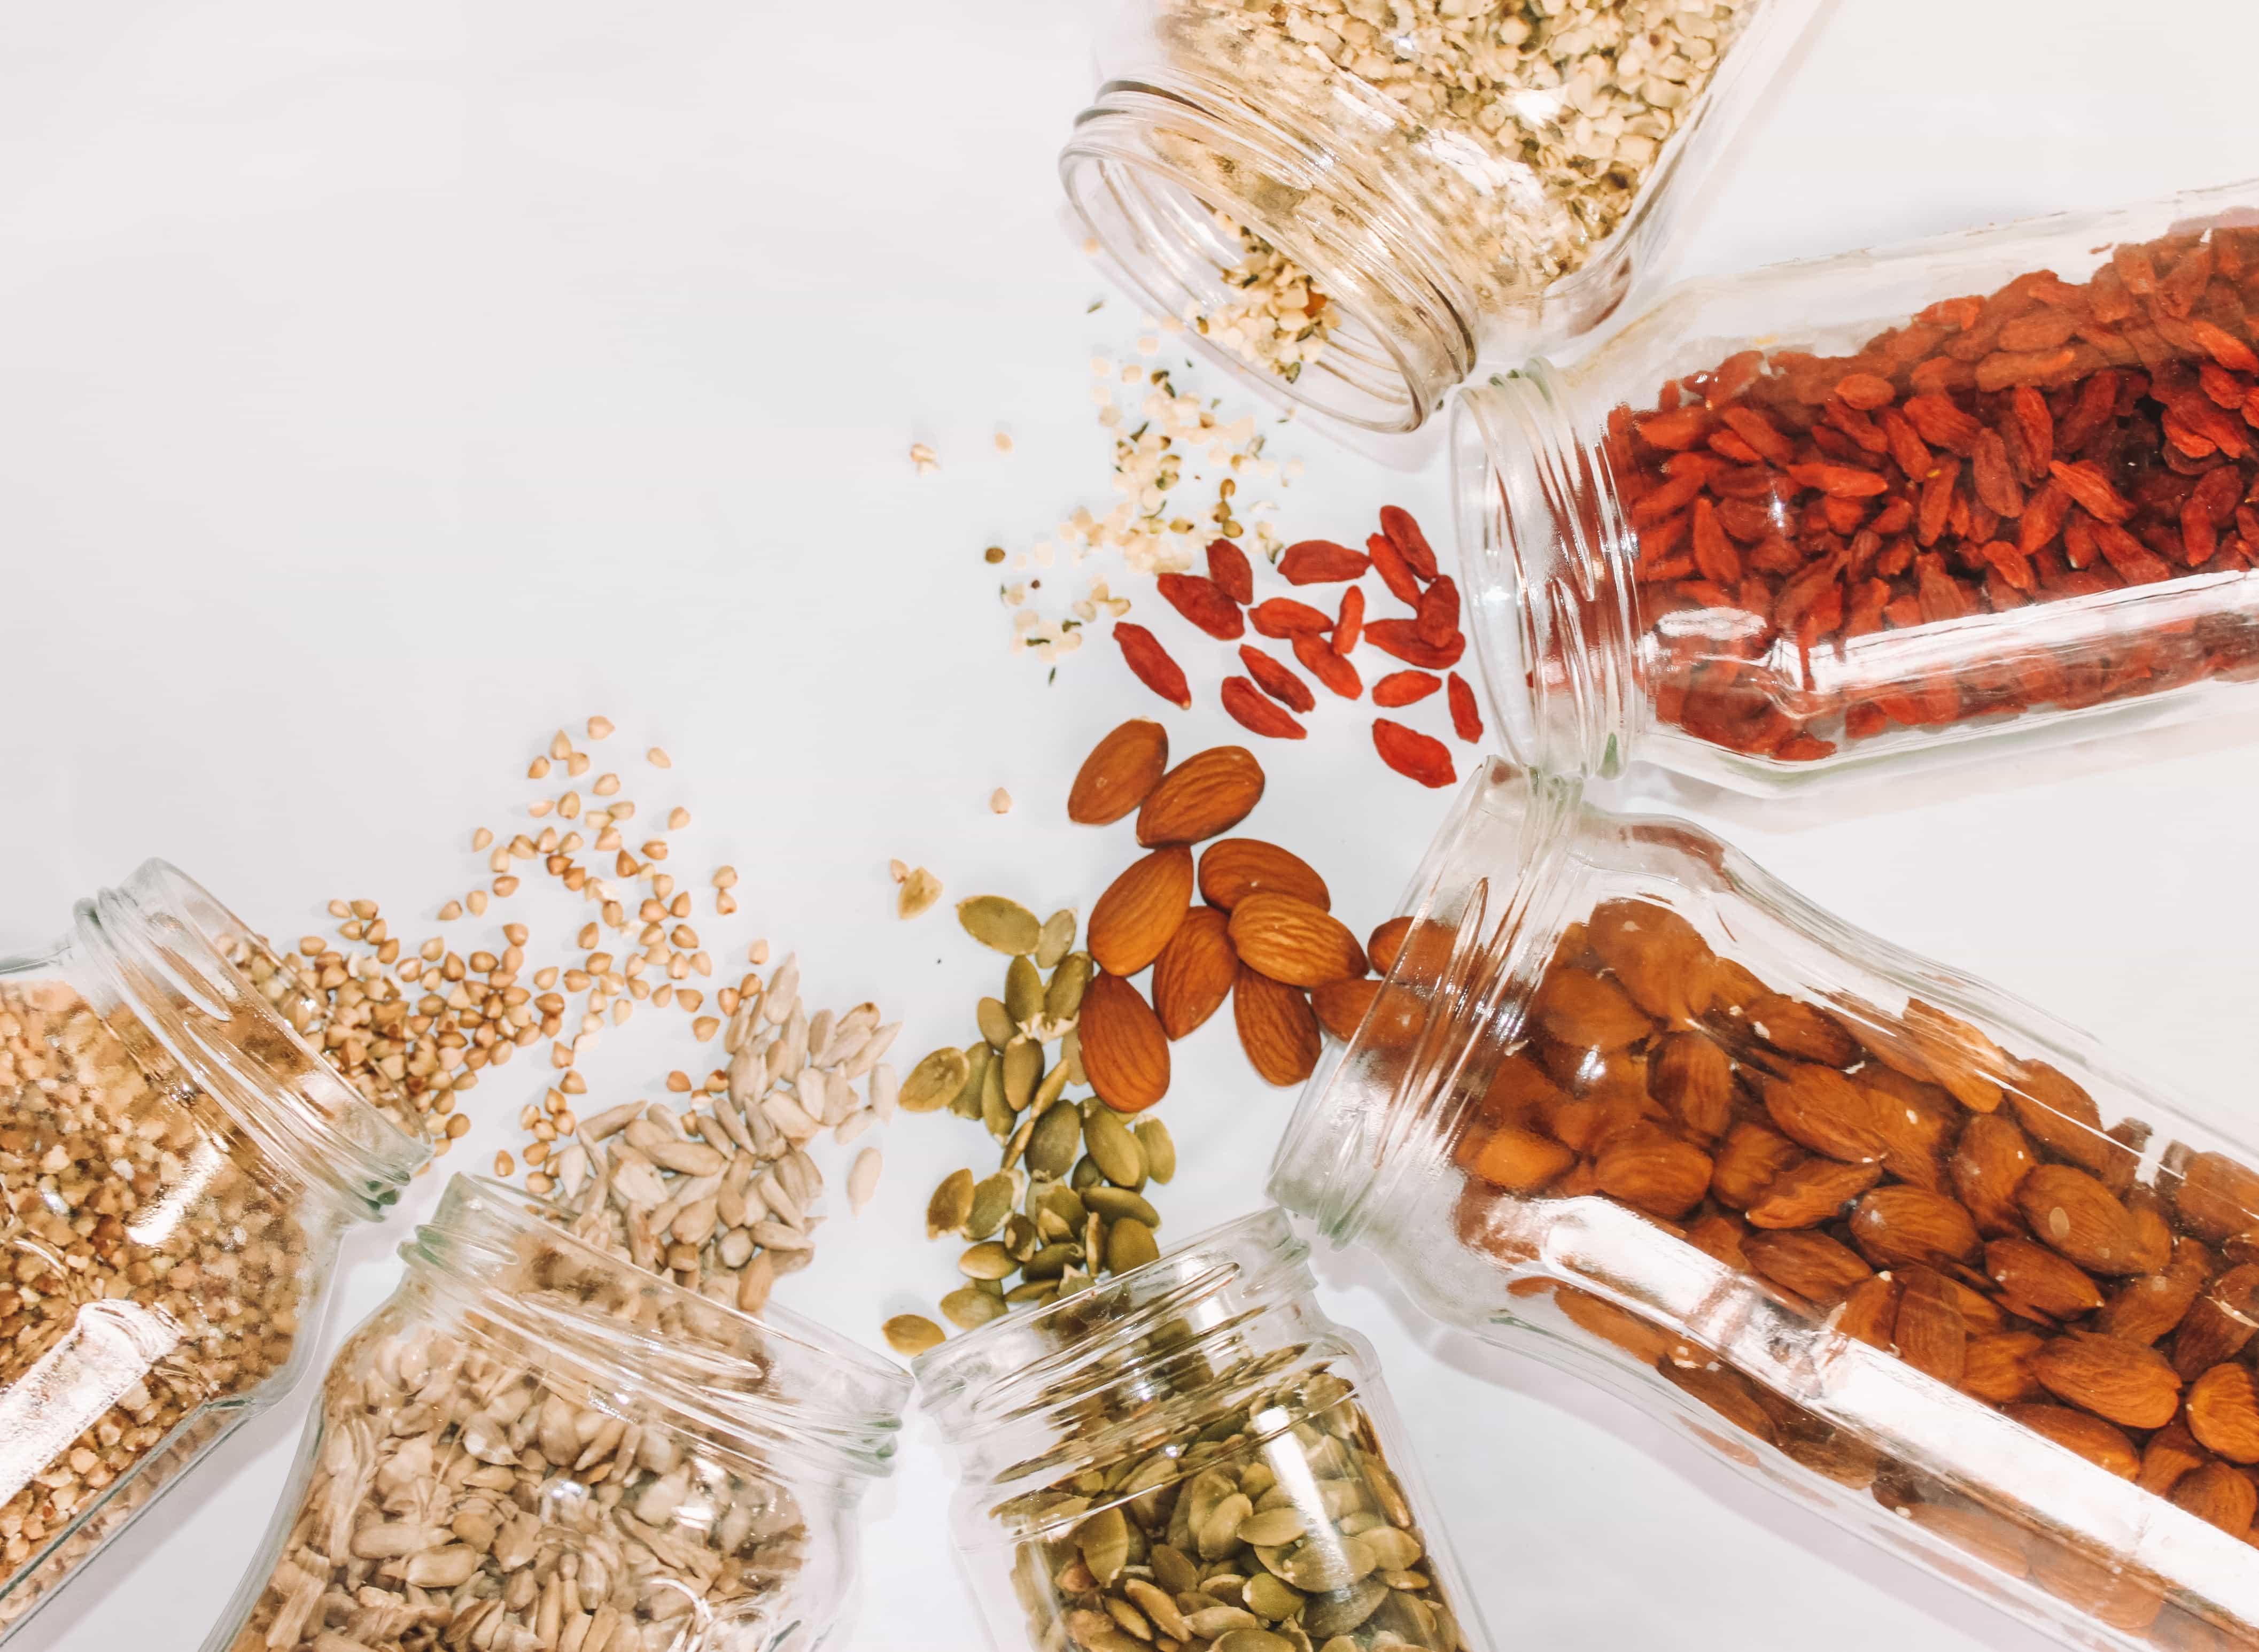 Tocoferolo, Vitamina E | Che Cos'è? Benefici e Controindicazioni